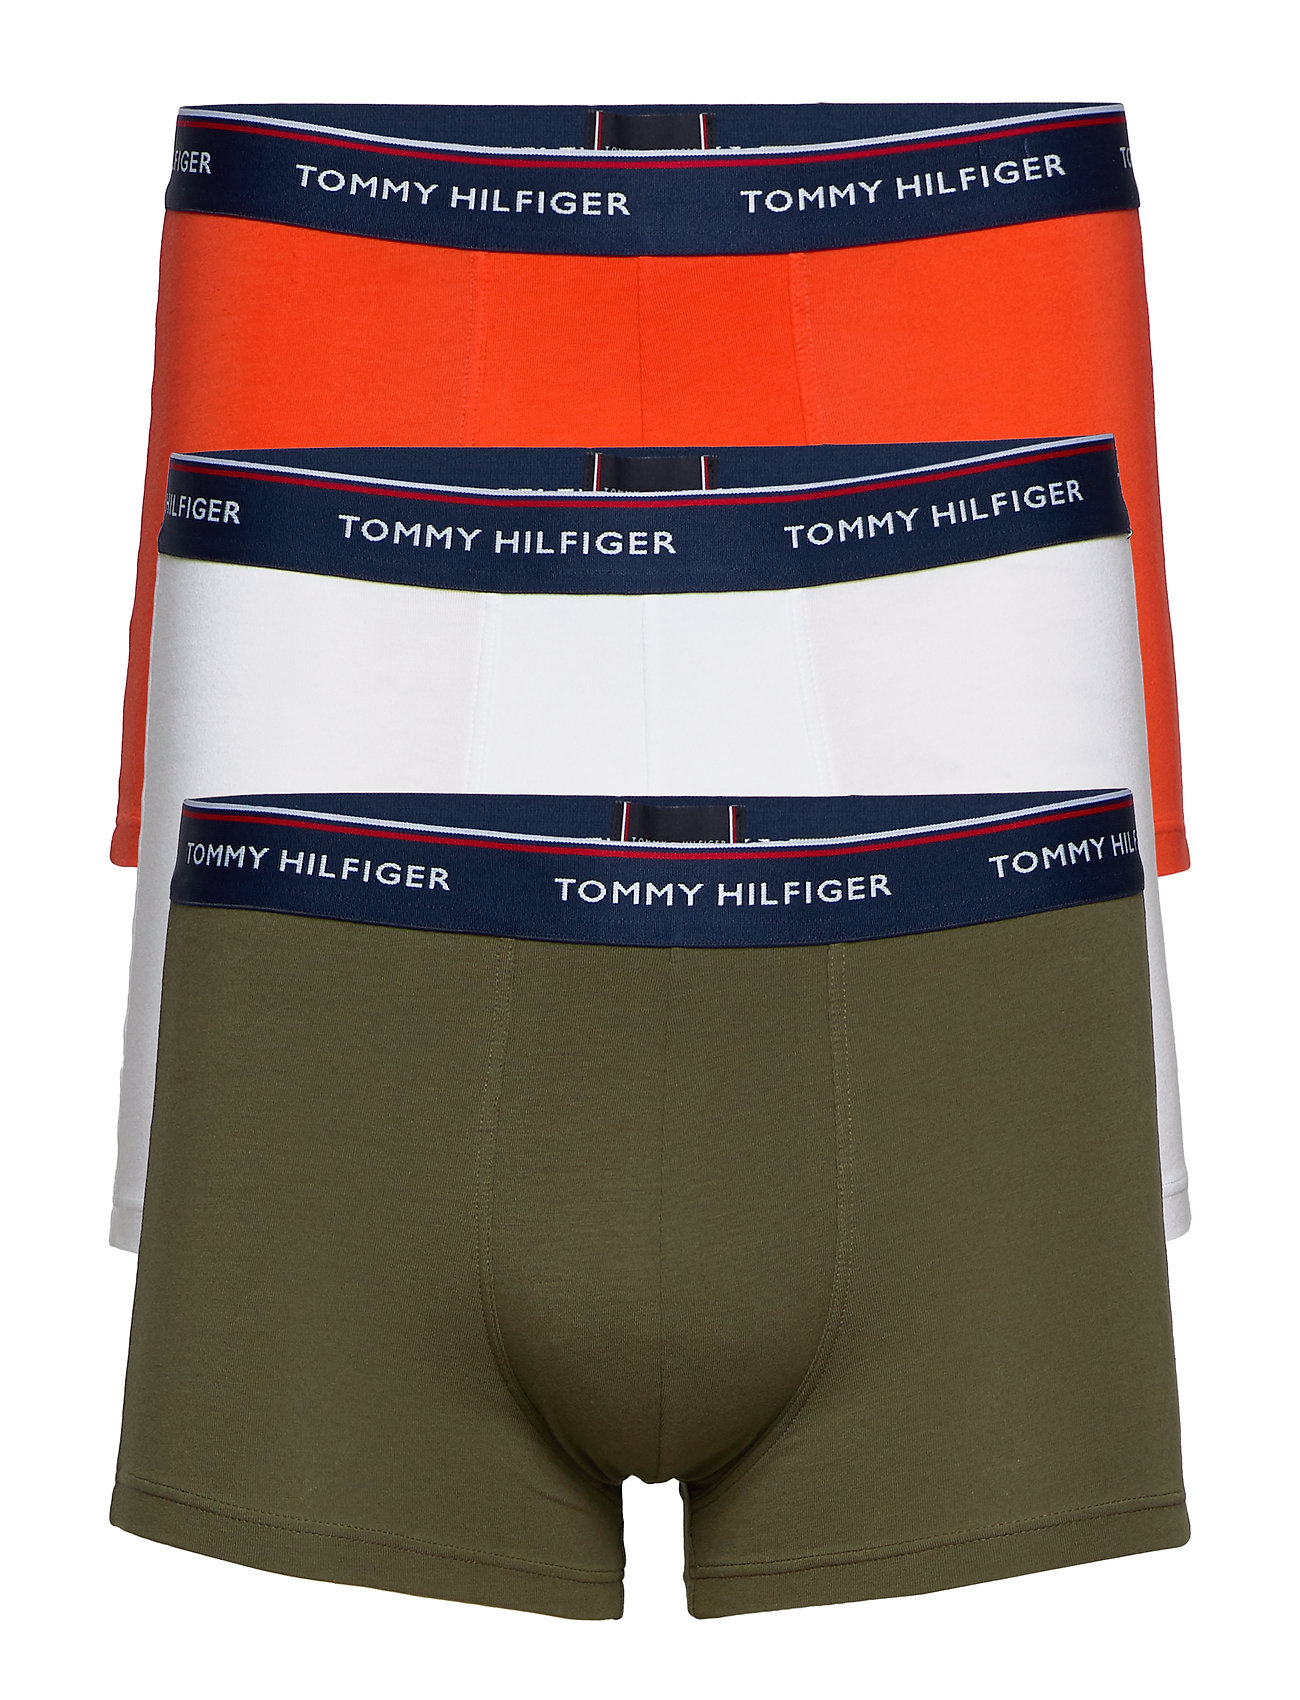 Tommy Hilfiger Trunk 3 pack premium essentials - GRAPELEAF/FIESTA/PVHWHITE